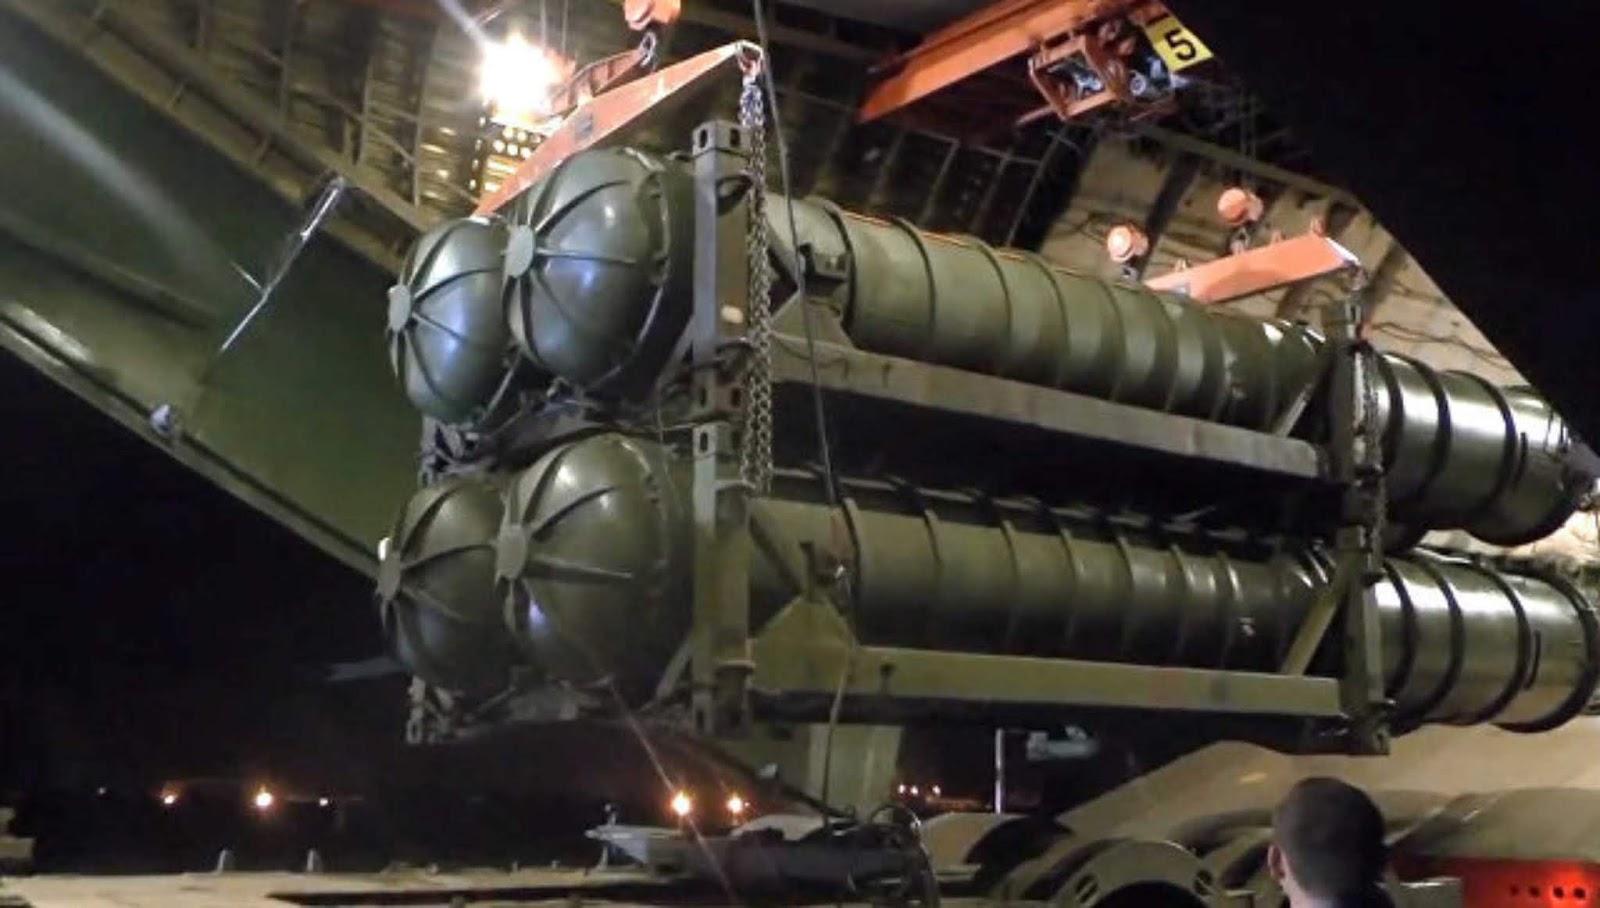 Dewan federasi dan Ahli Rusia mengomentari pernyataan Israel tentang S-300 di Suriah